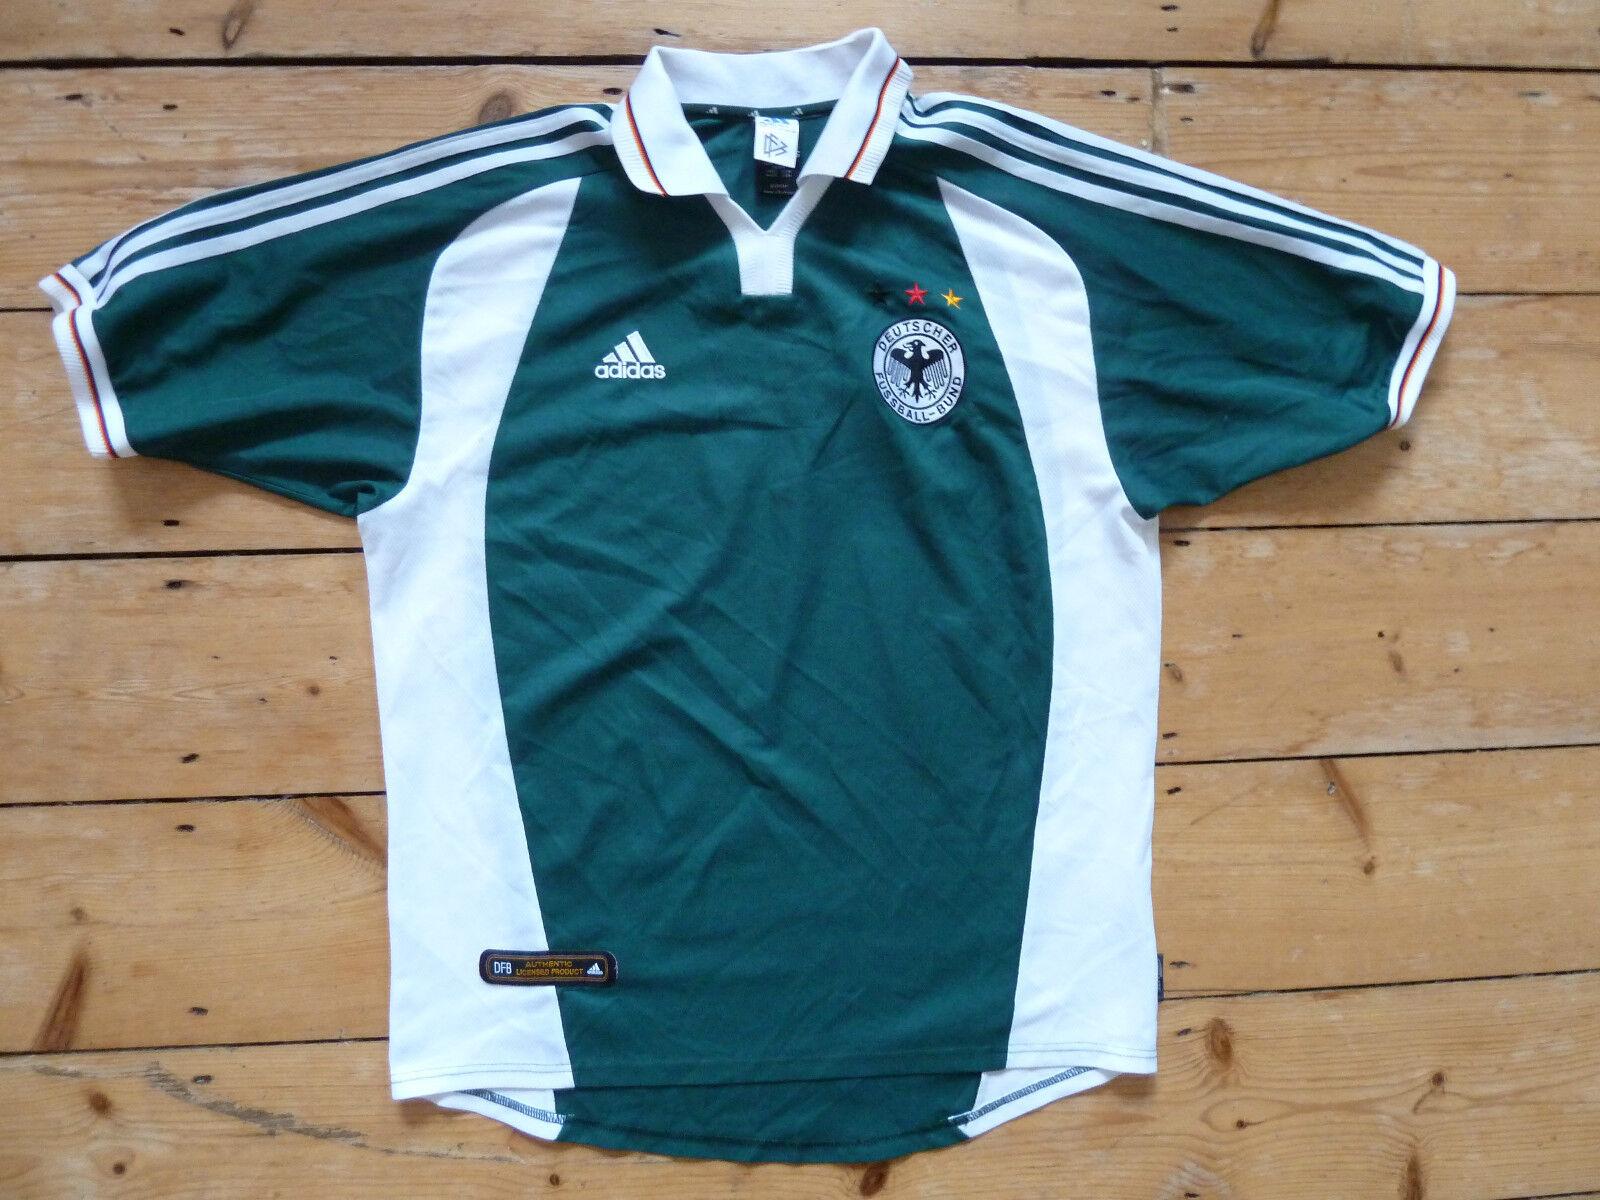 Deutschland 16 Fußball Trikot L 2000 Deutscher Fußball Trikot Euro 16 Deutschland Maglia Trikot 6b43c2